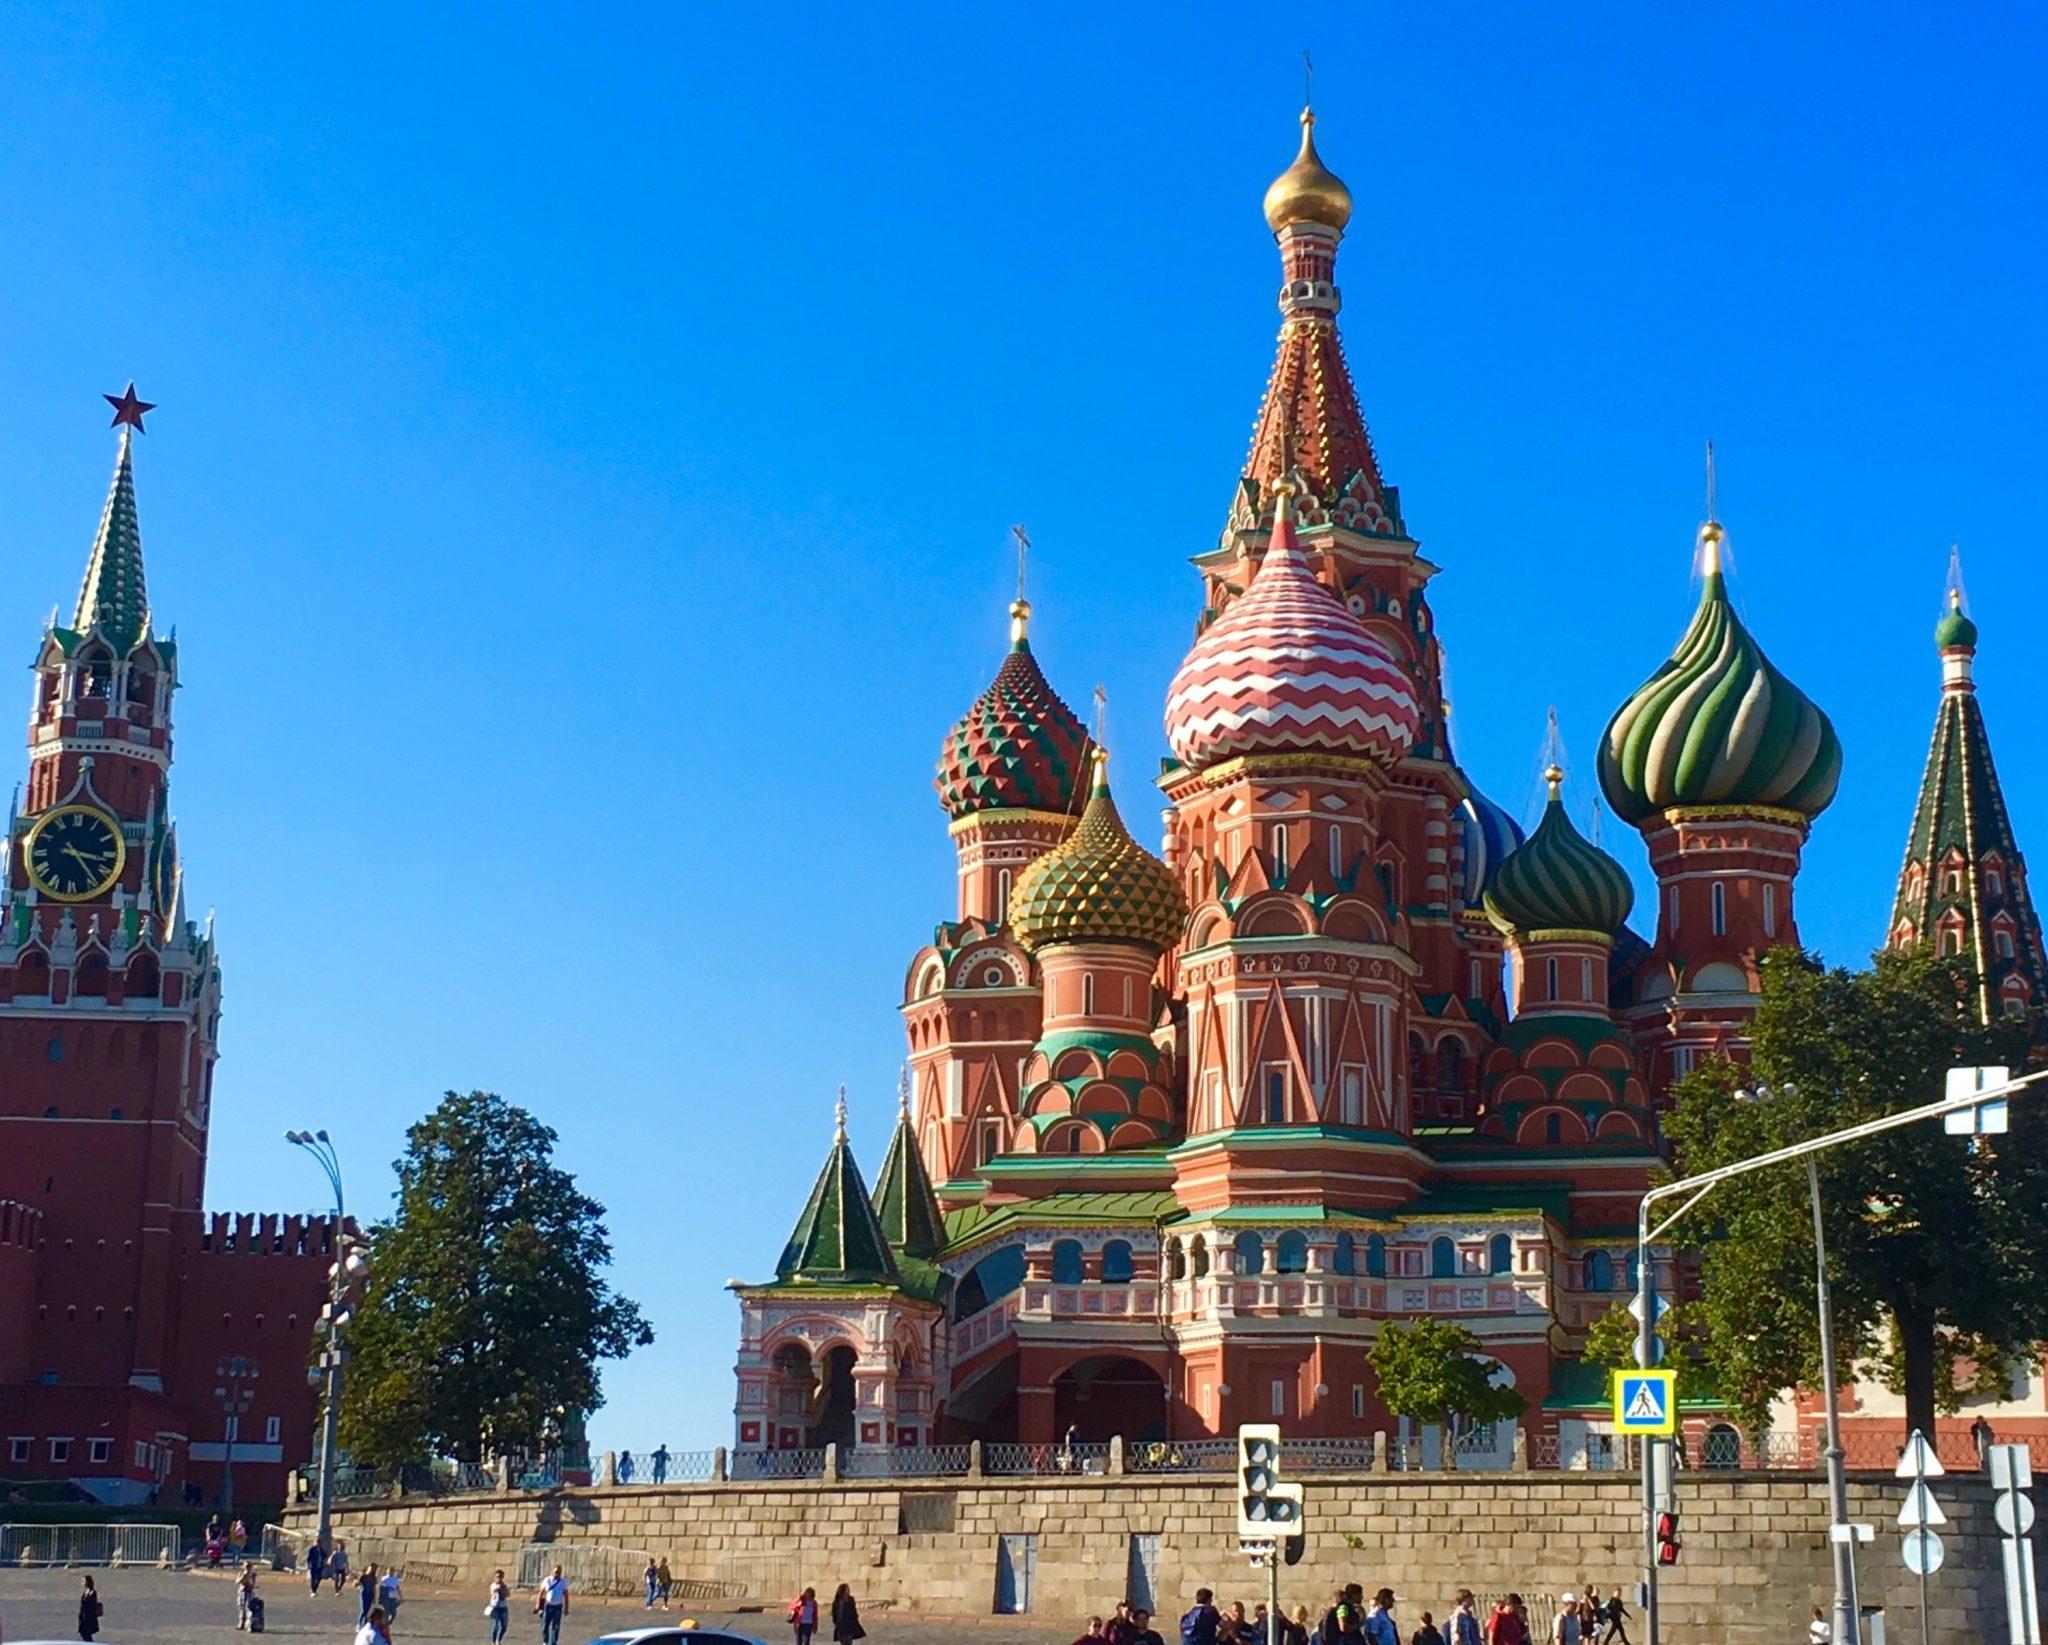 オルガン針株式会社が運営するミシンユーザーのための情報発信型通販サイトArt Stitch Room Powered by ORGAN NEEDLE CO.,LTD.(アートステッチルーム)|ロシア訪問記 #2